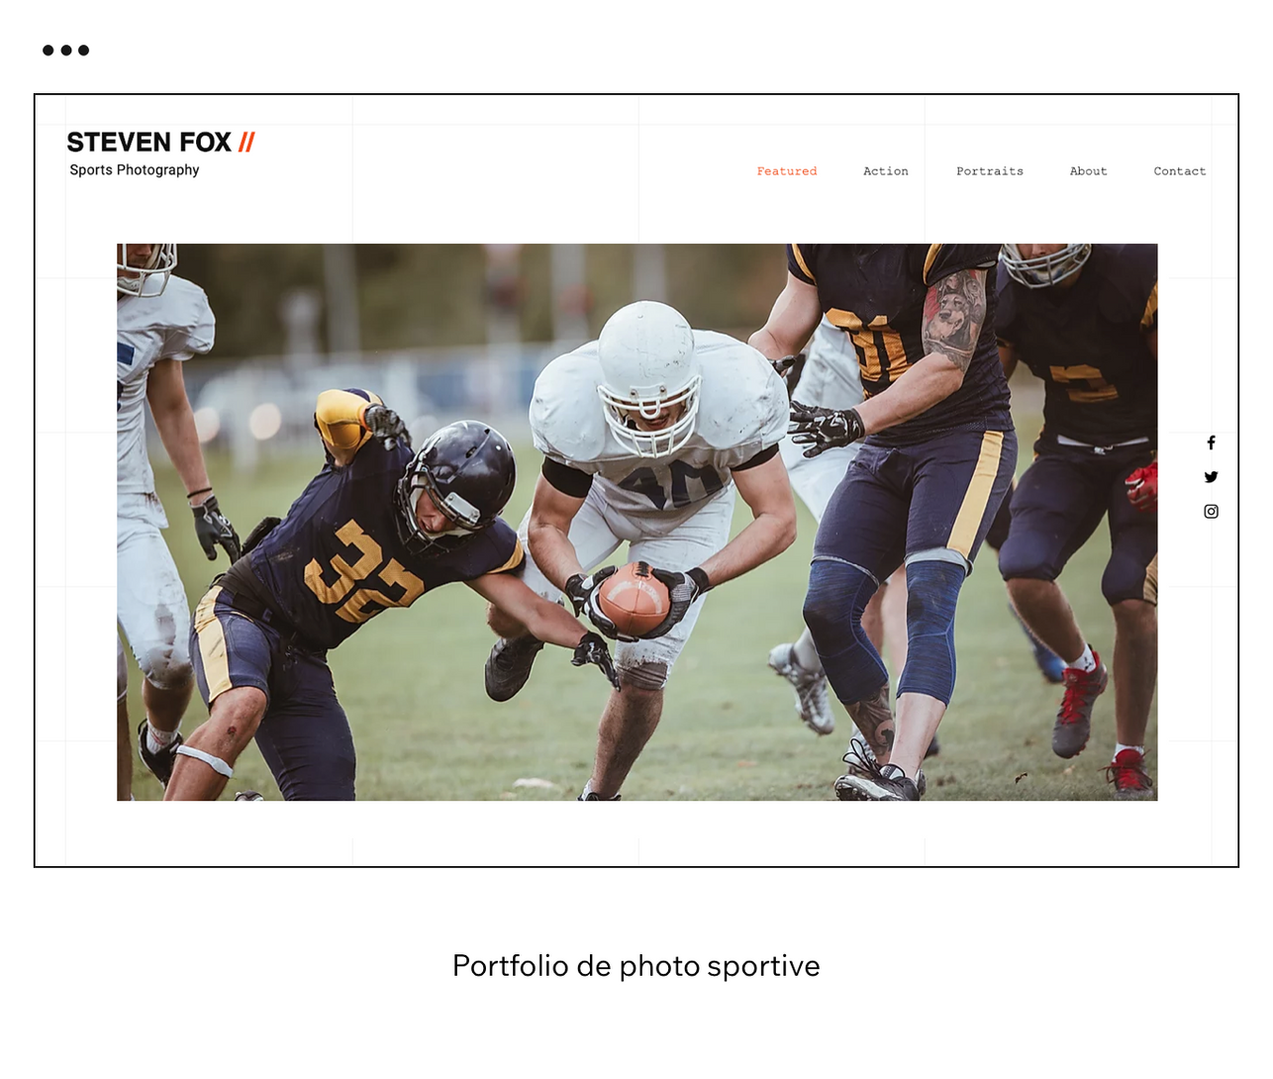 Portfolio de photo sportive